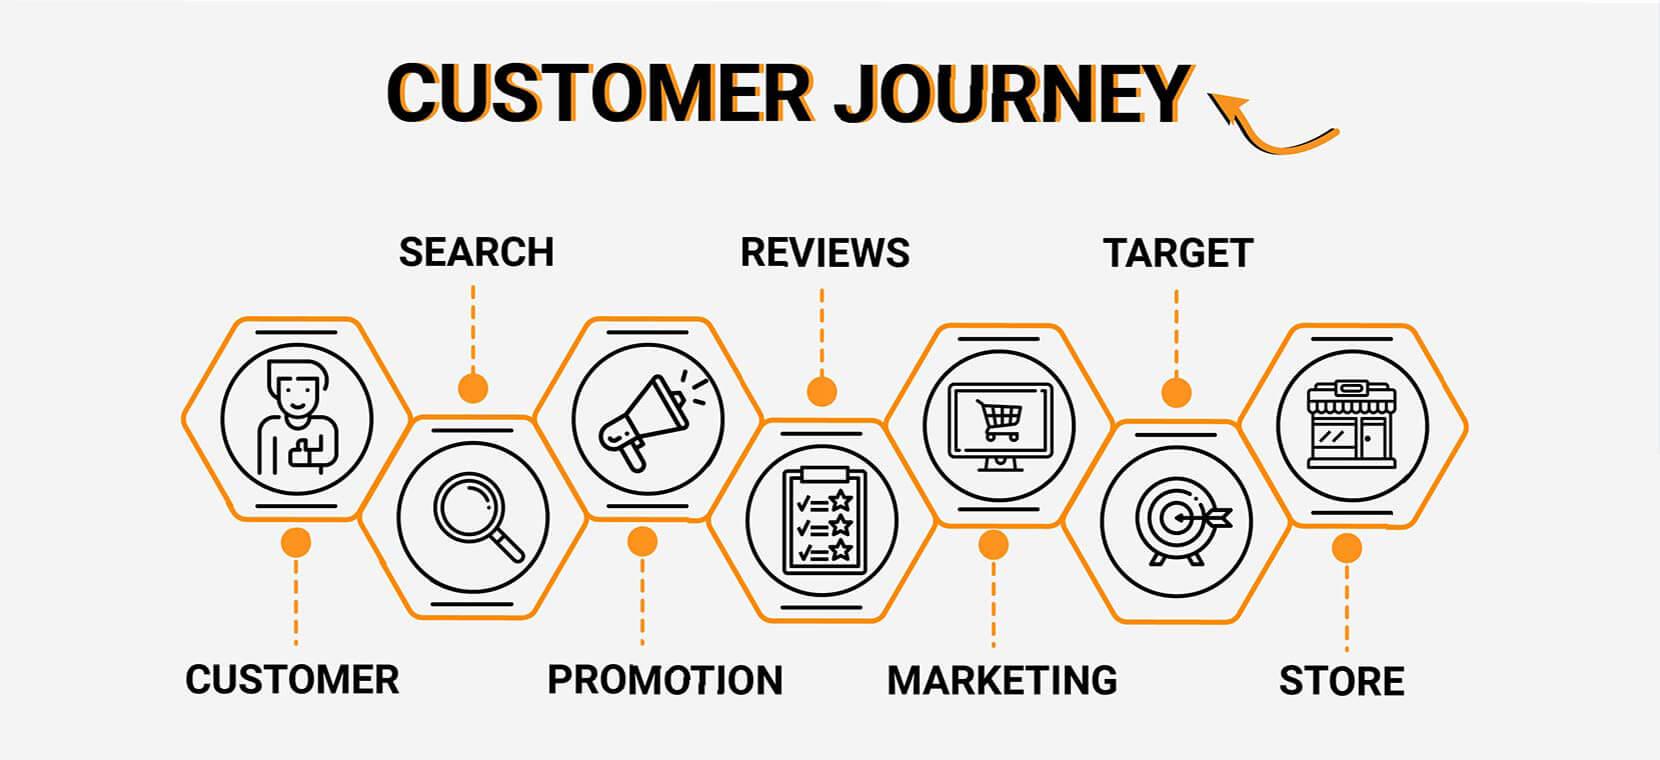 Customer Journey Detractors to Promoters